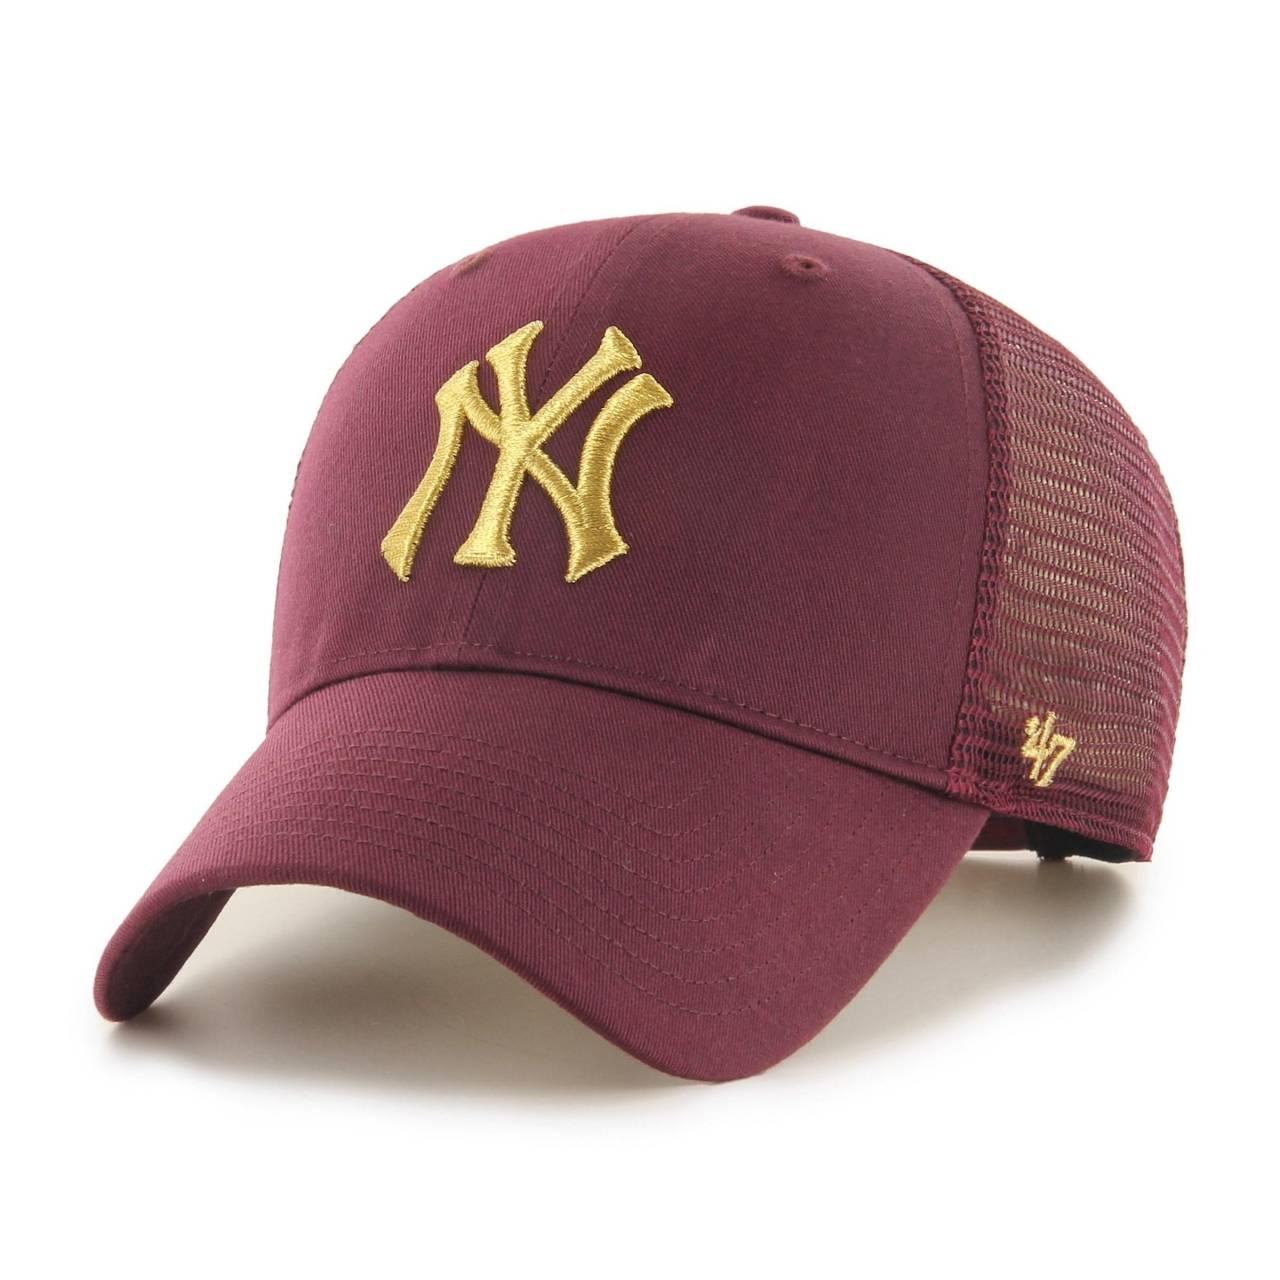 MLB NEW YORK YANKEES BRANSON METALLIC '47 MVP MAROON